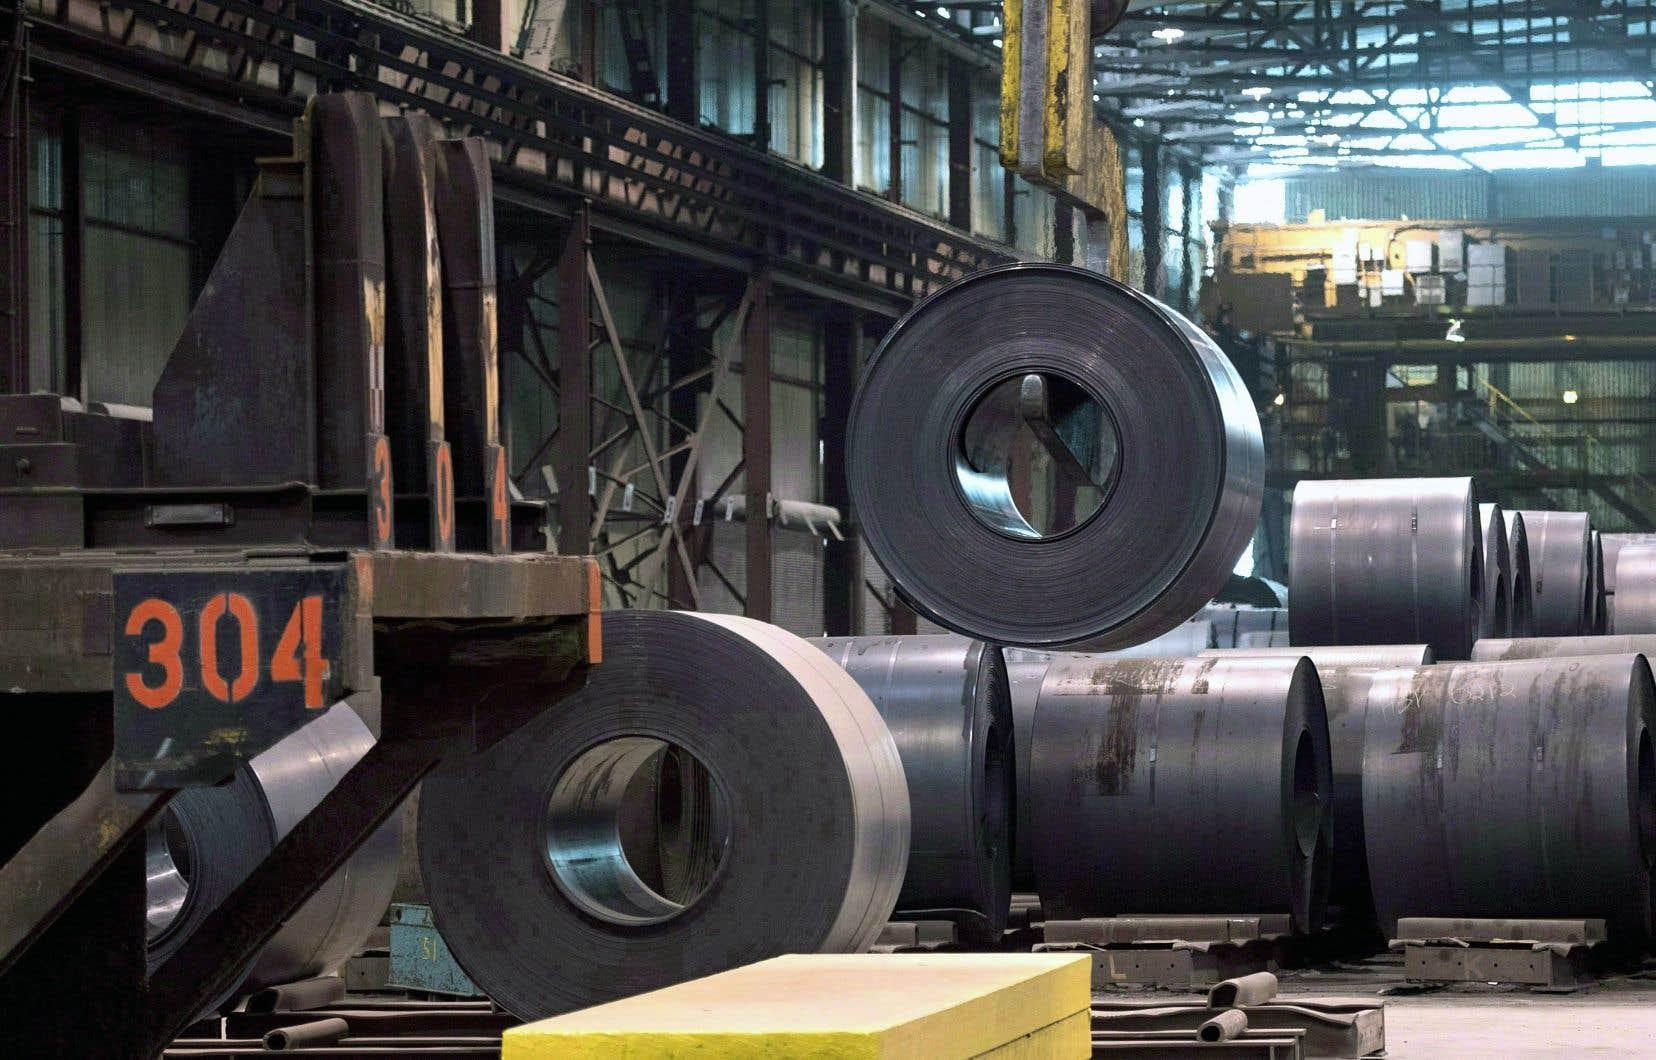 Depuis la semaine dernière, le Canada, le Mexique et l'Union européenne ne sont plus exemptés des droits tarifaires d'importation de 25 % sur l'acier et de 10 % sur l'aluminium.